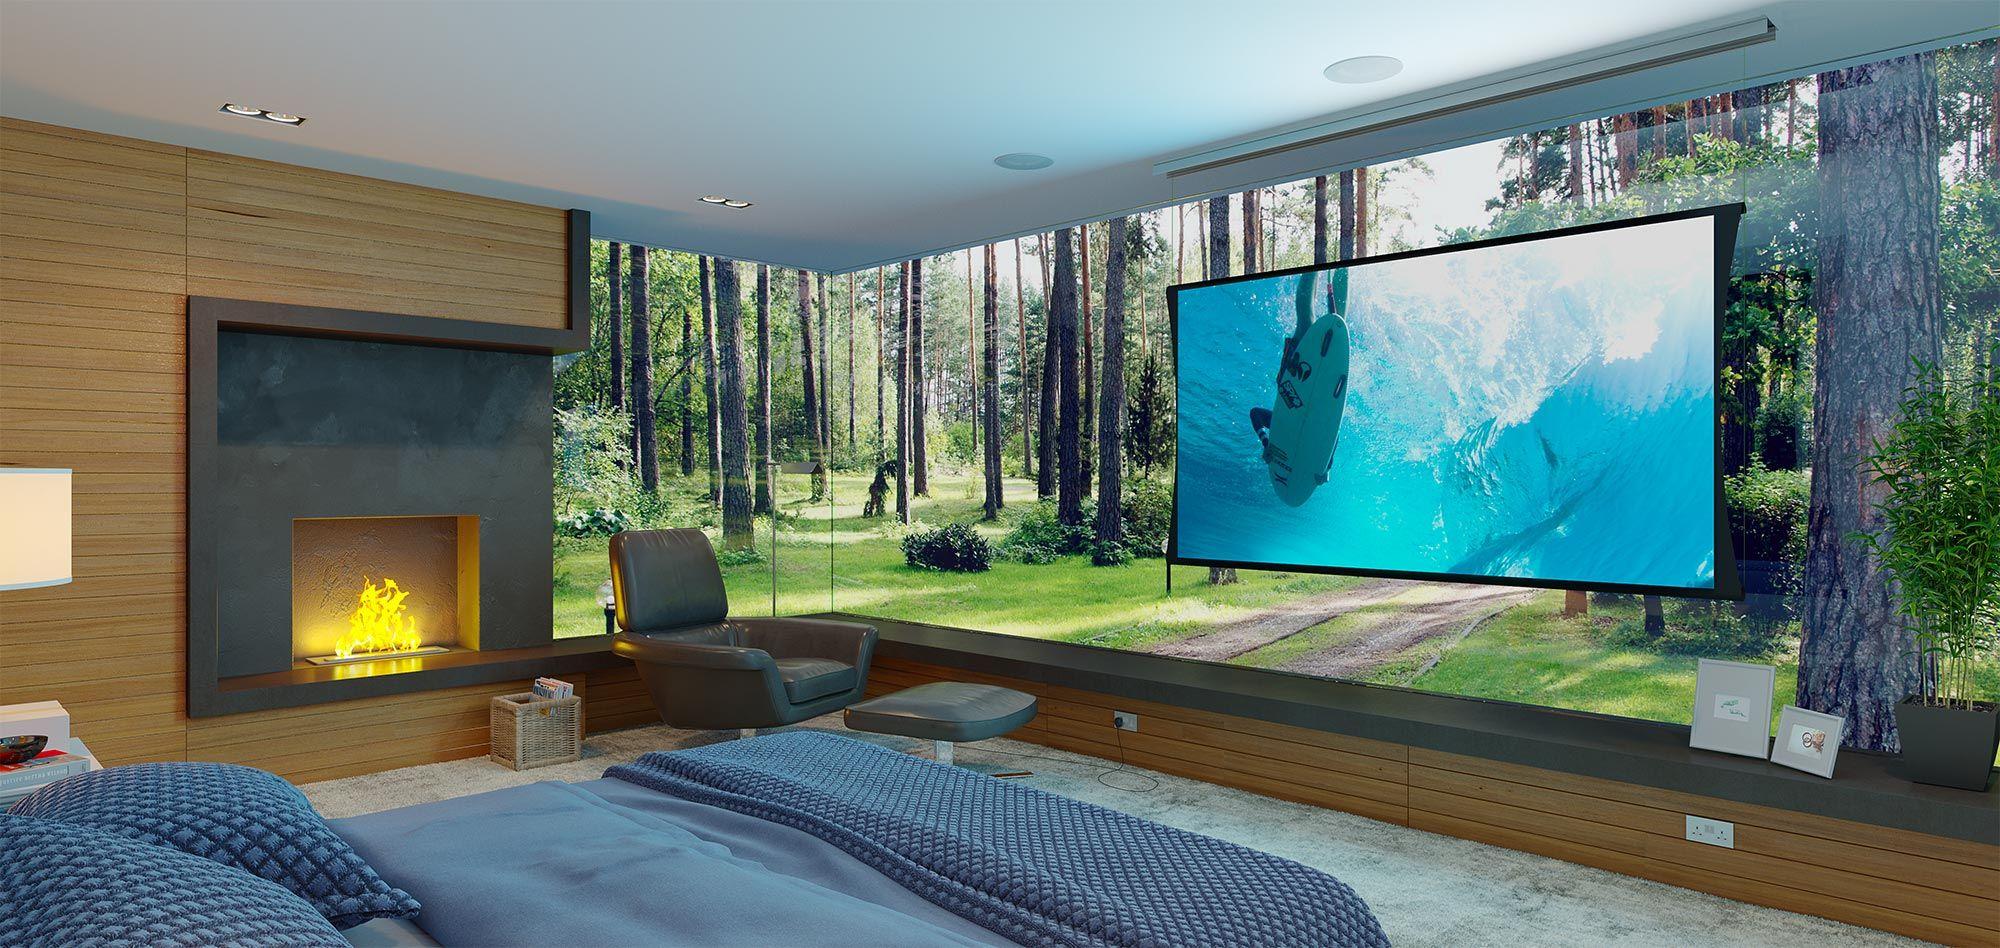 Zero g bedroom rollable screen houzz in 2019 pinterest - Houzz dormitorios ...